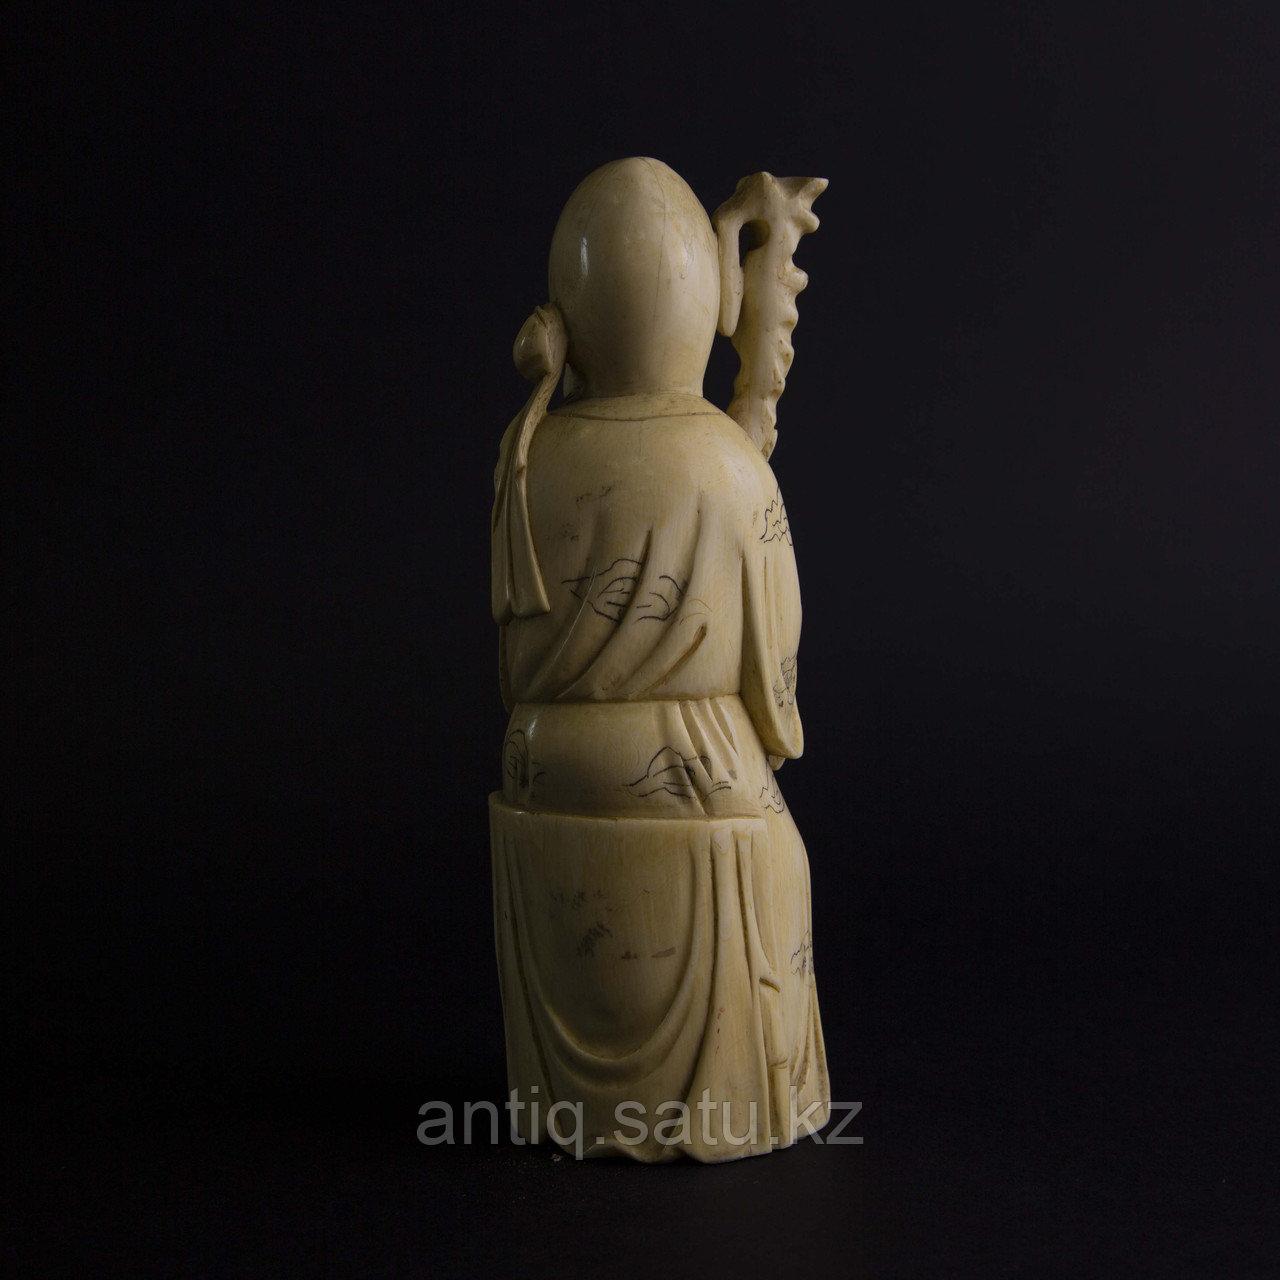 Окимоно Шоу-син (Шу, Сау) один из трех звездный старцев. Бог долголетие. - фото 3